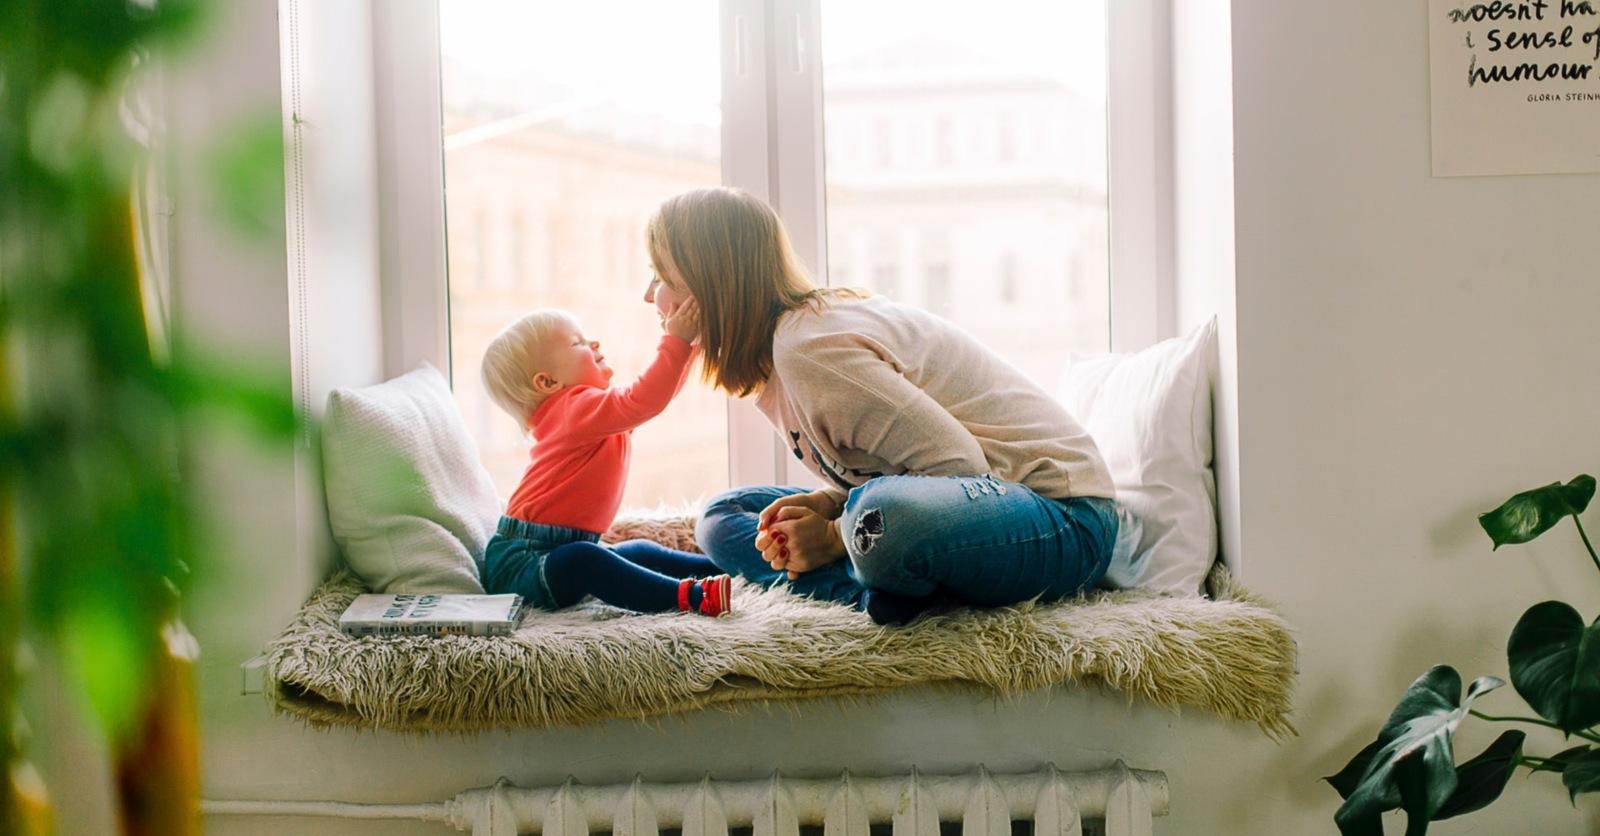 11 Dicas Para Lidar Com Crianças De Espírito Forte – [Nº 4] Respeitar Limites Corporais